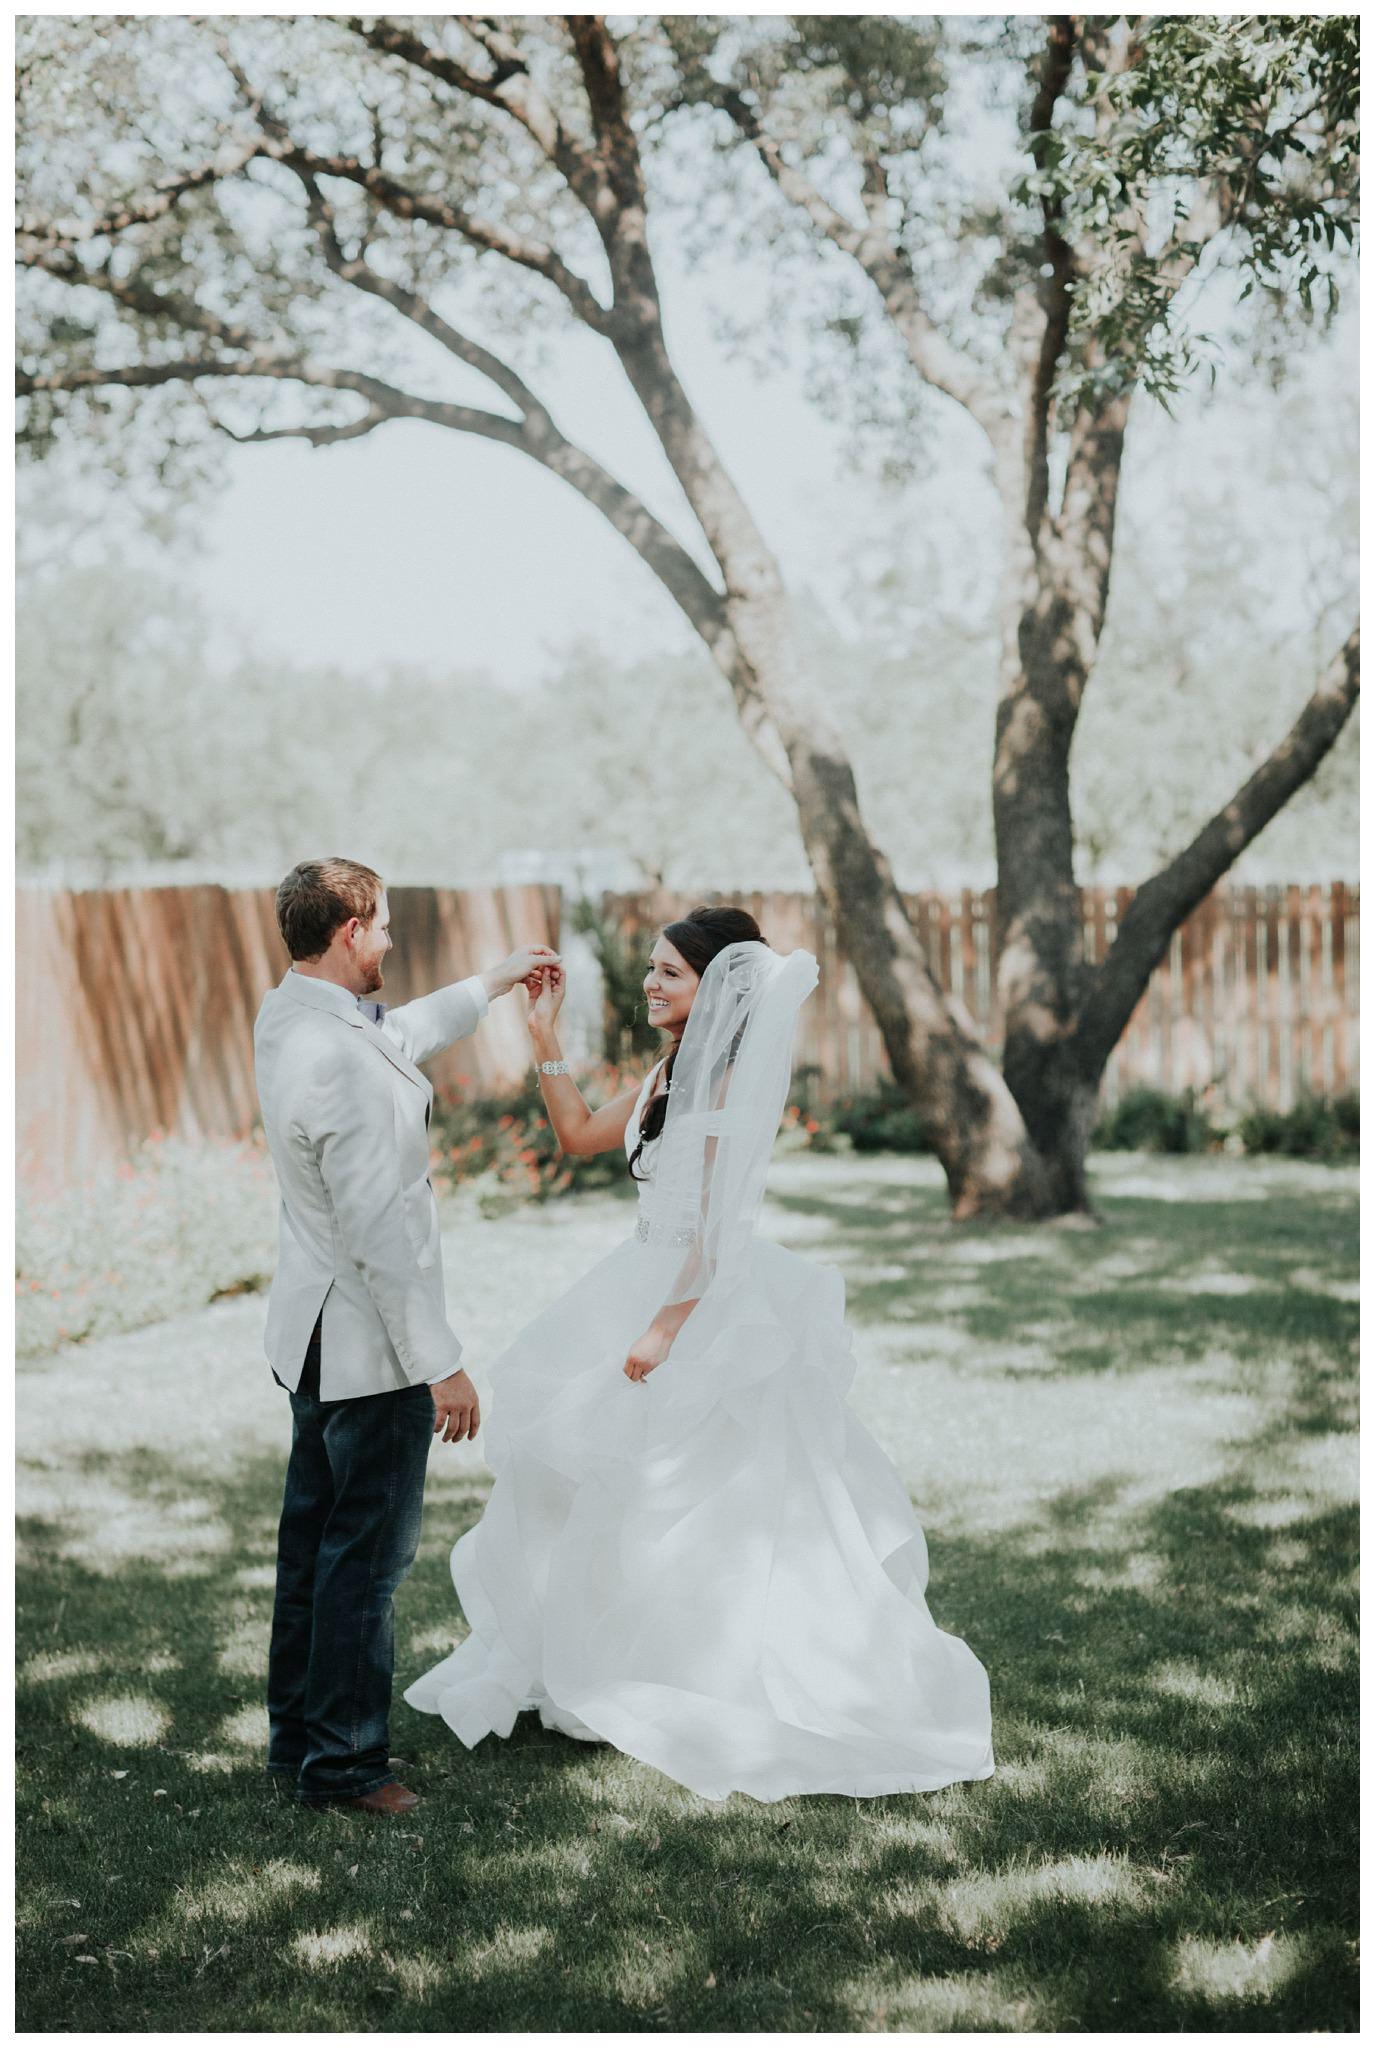 Whimsical Ranch West Texas Wedding - DIY Farm Wedding-2137.jpg